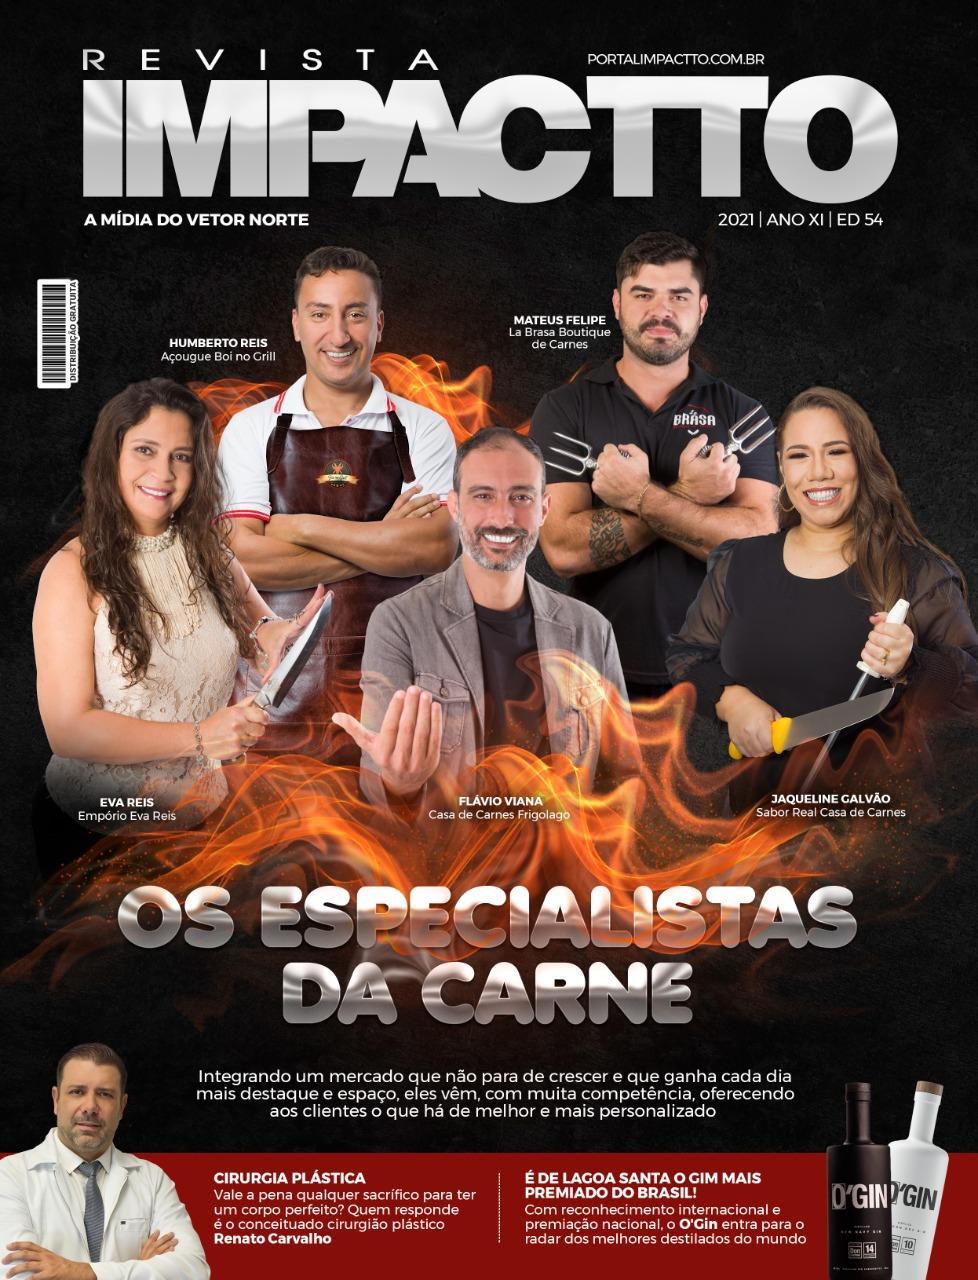 Revista Impactto - Edição 54